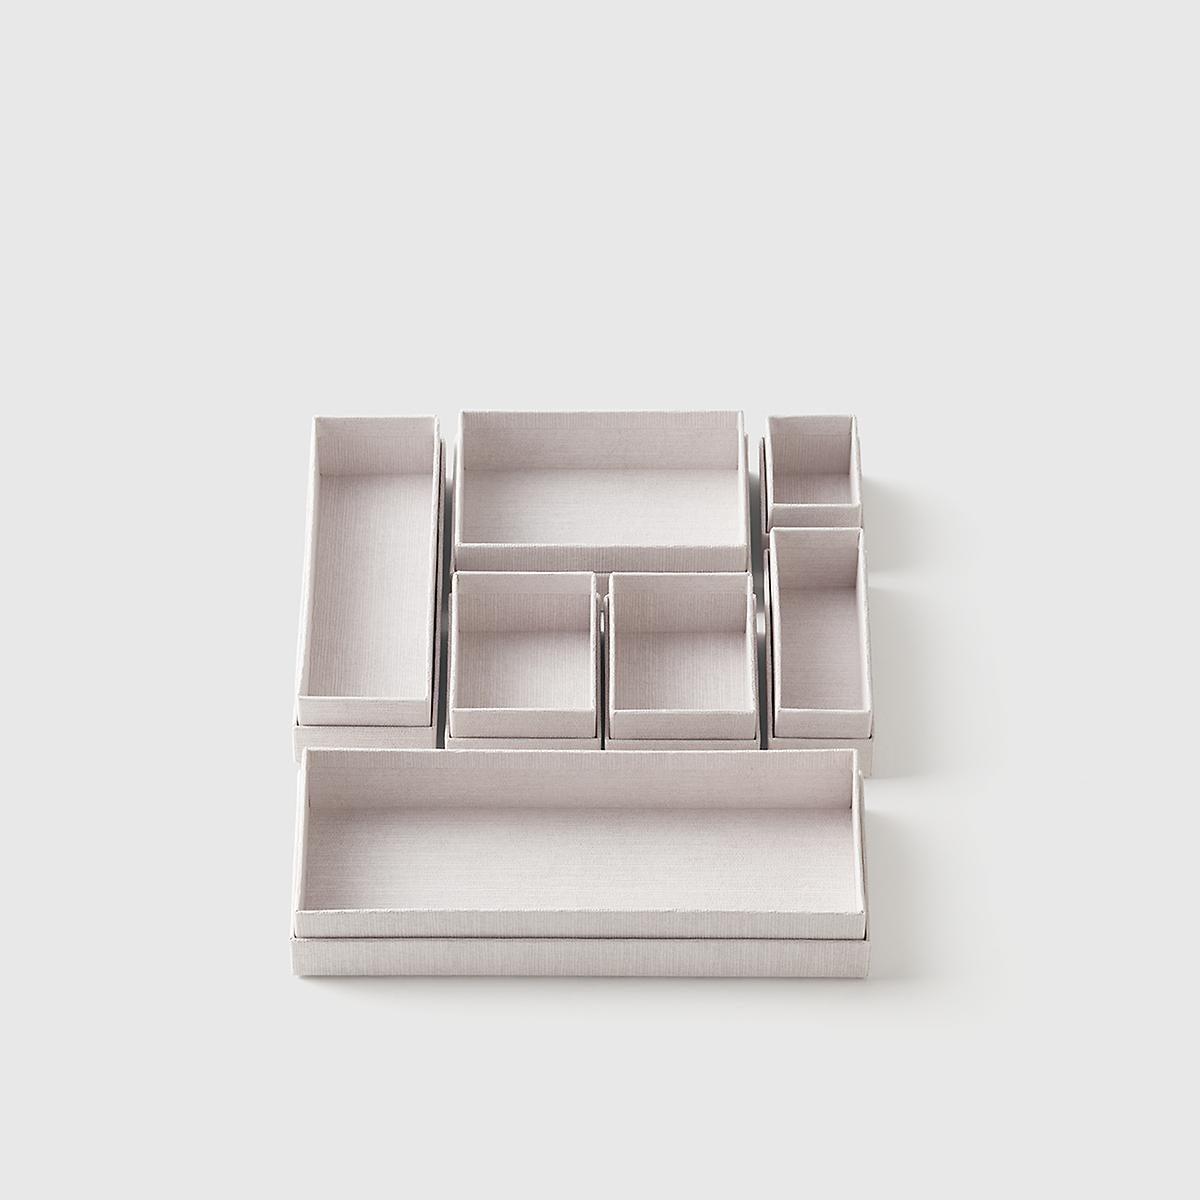 Marie Kondo Calm Hikidashi Small Organizer Boxes Pkg/14